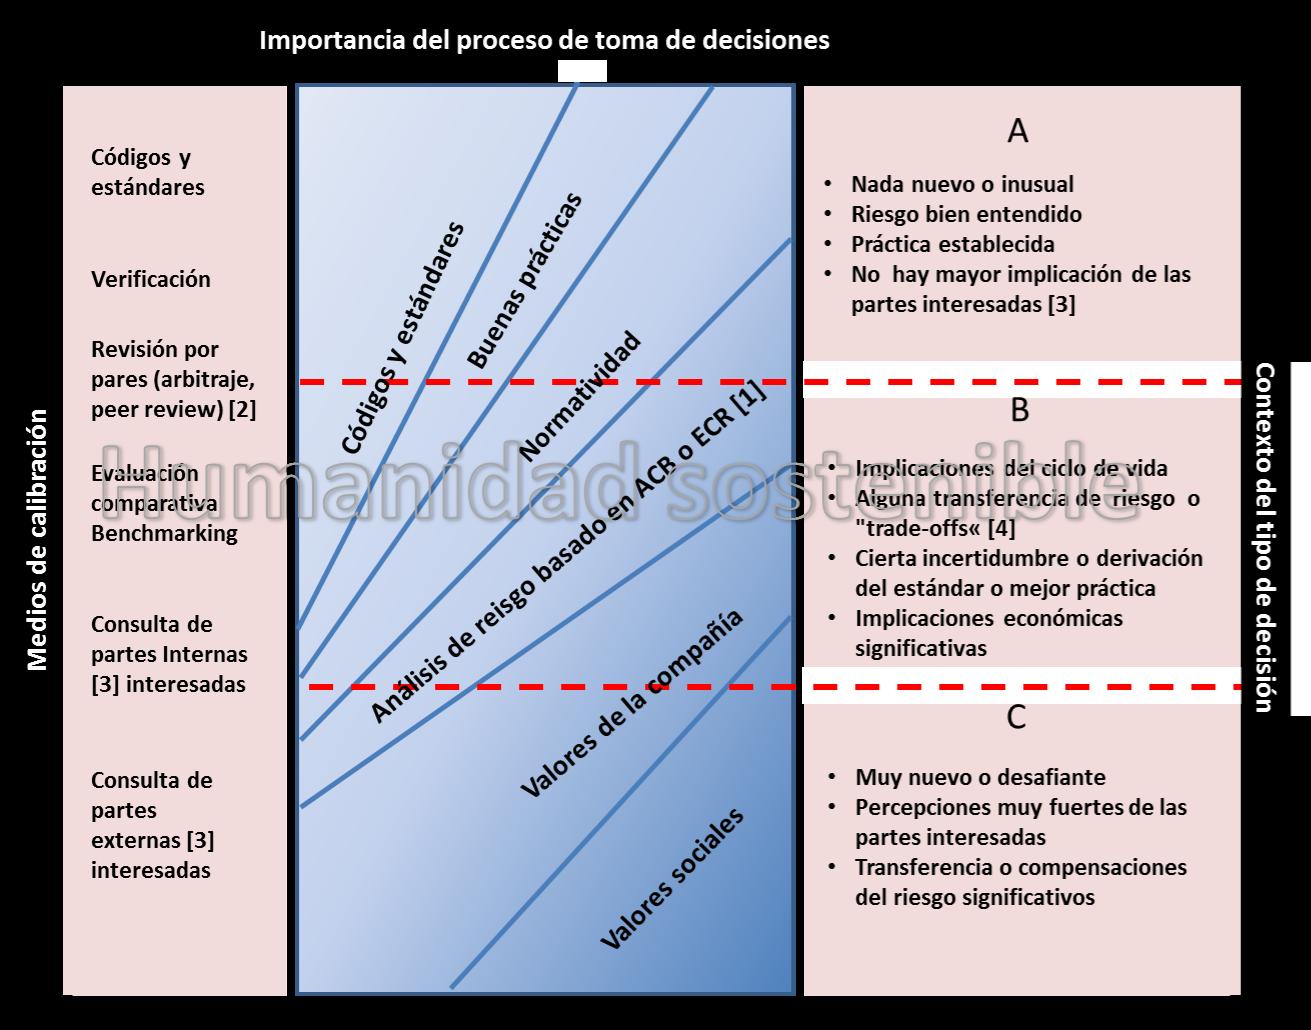 matriz riesgos UKOOA OGUK Humanidad sostenible